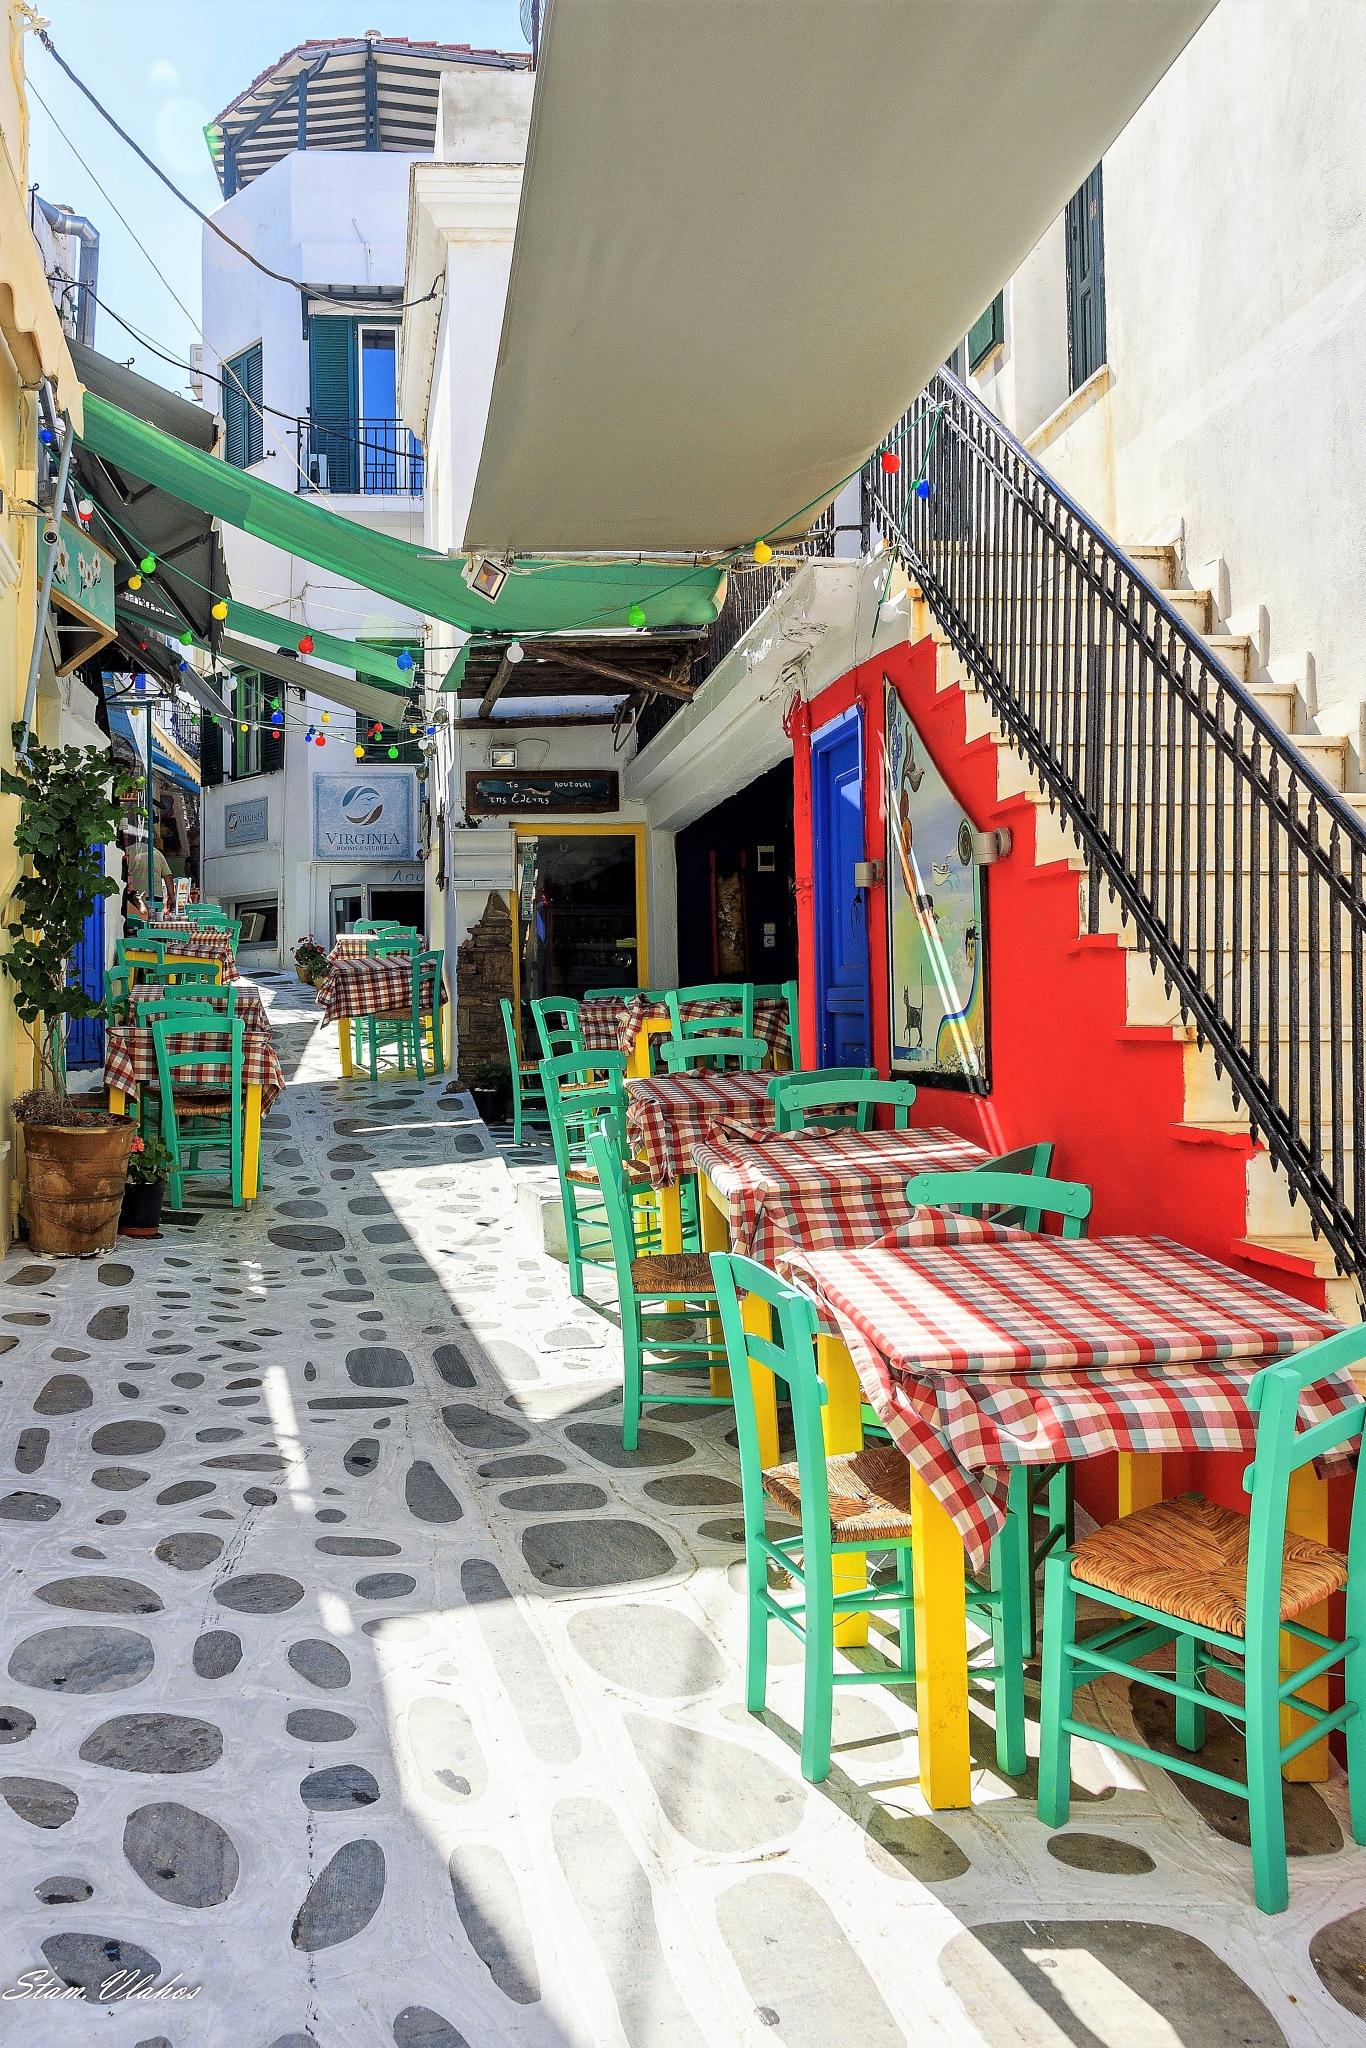 Beutiful alleyways by Stamatis Vlahos